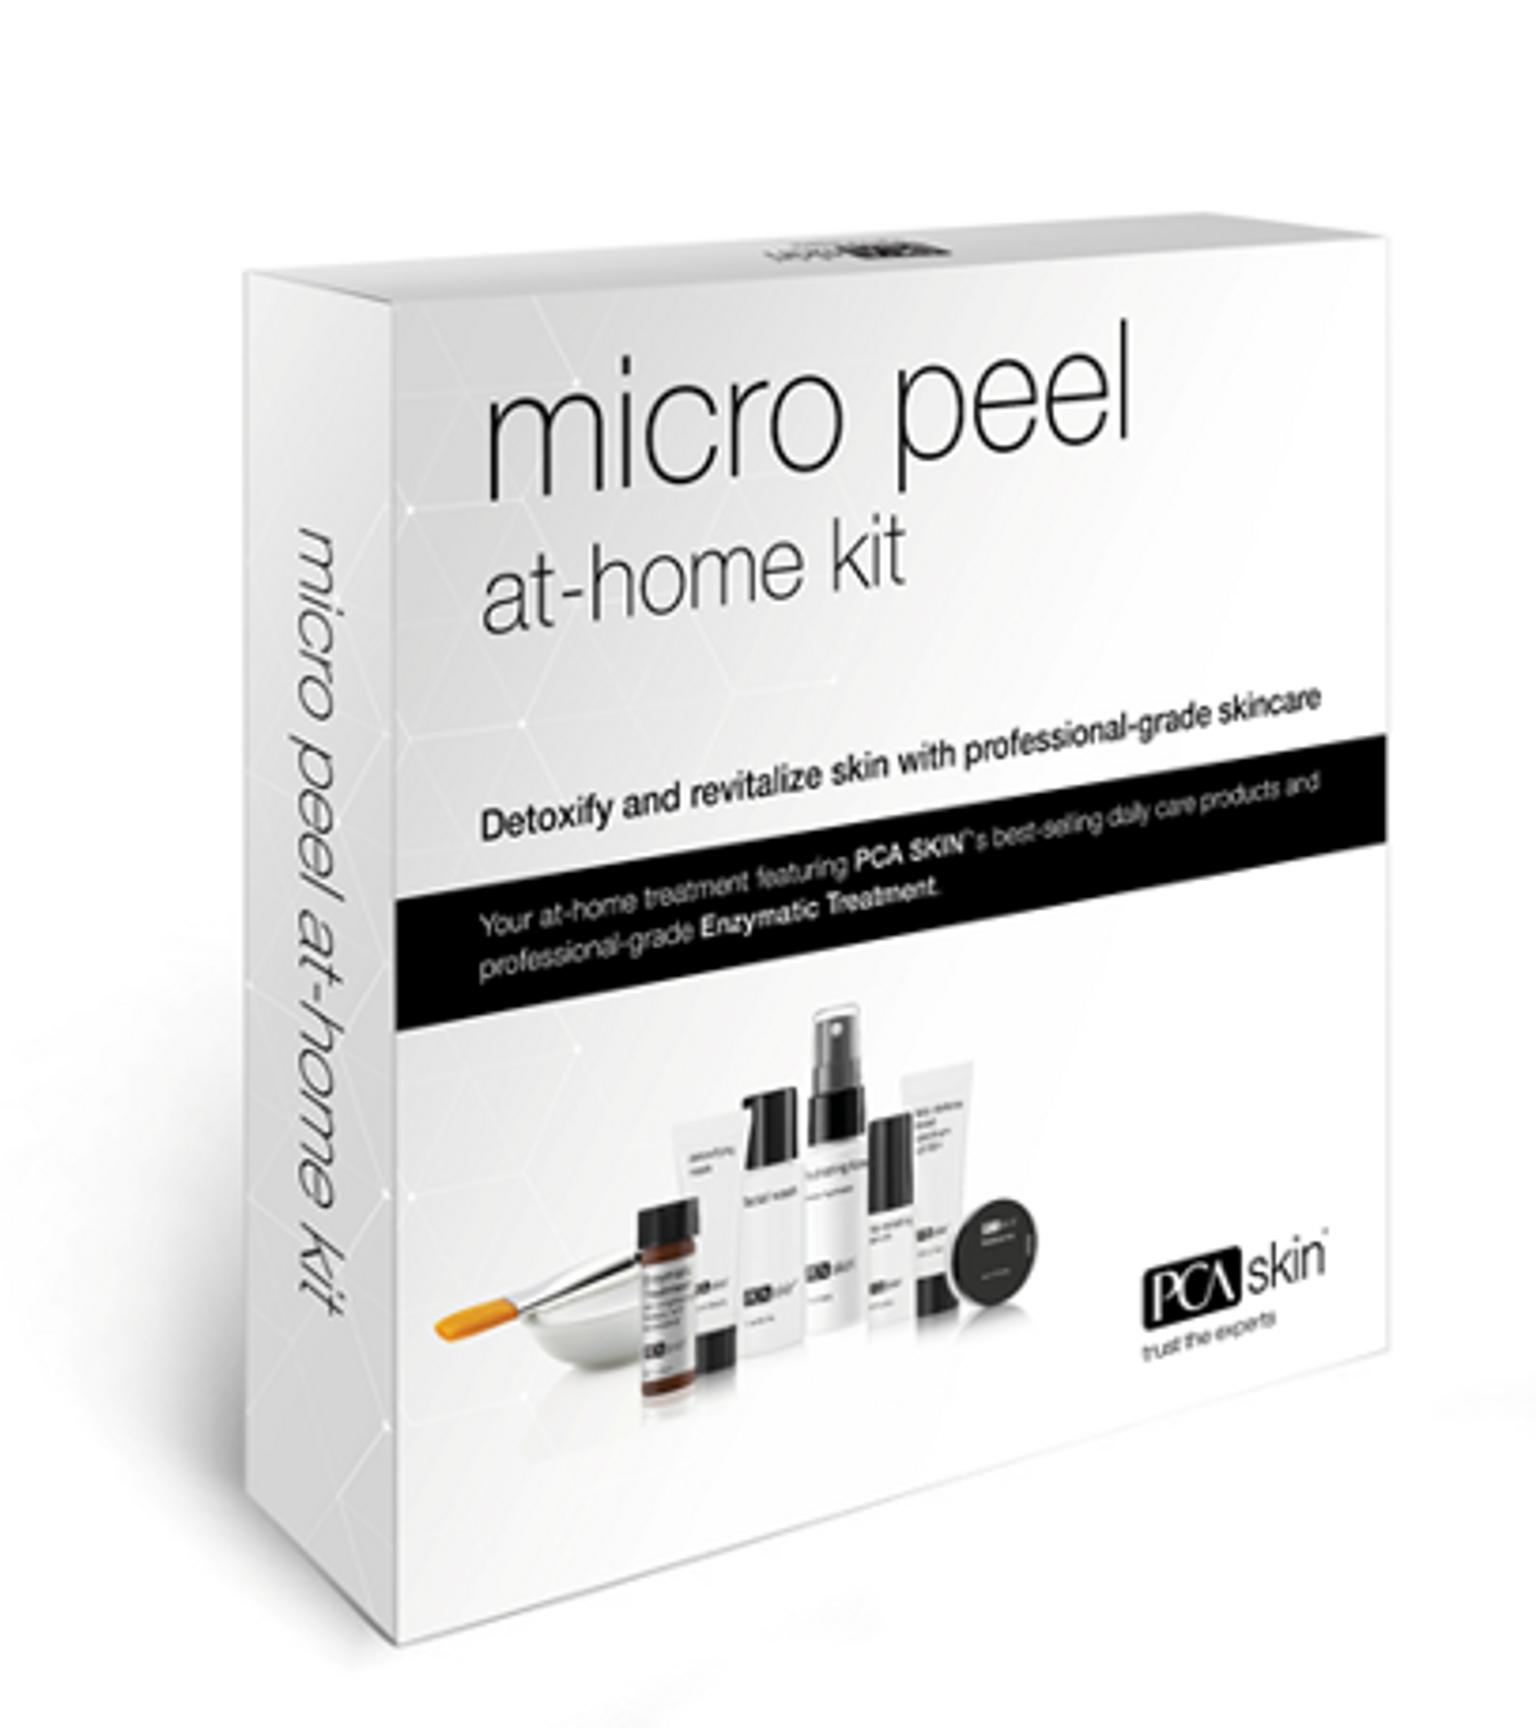 PCA Skin Micro Peel at-home kit